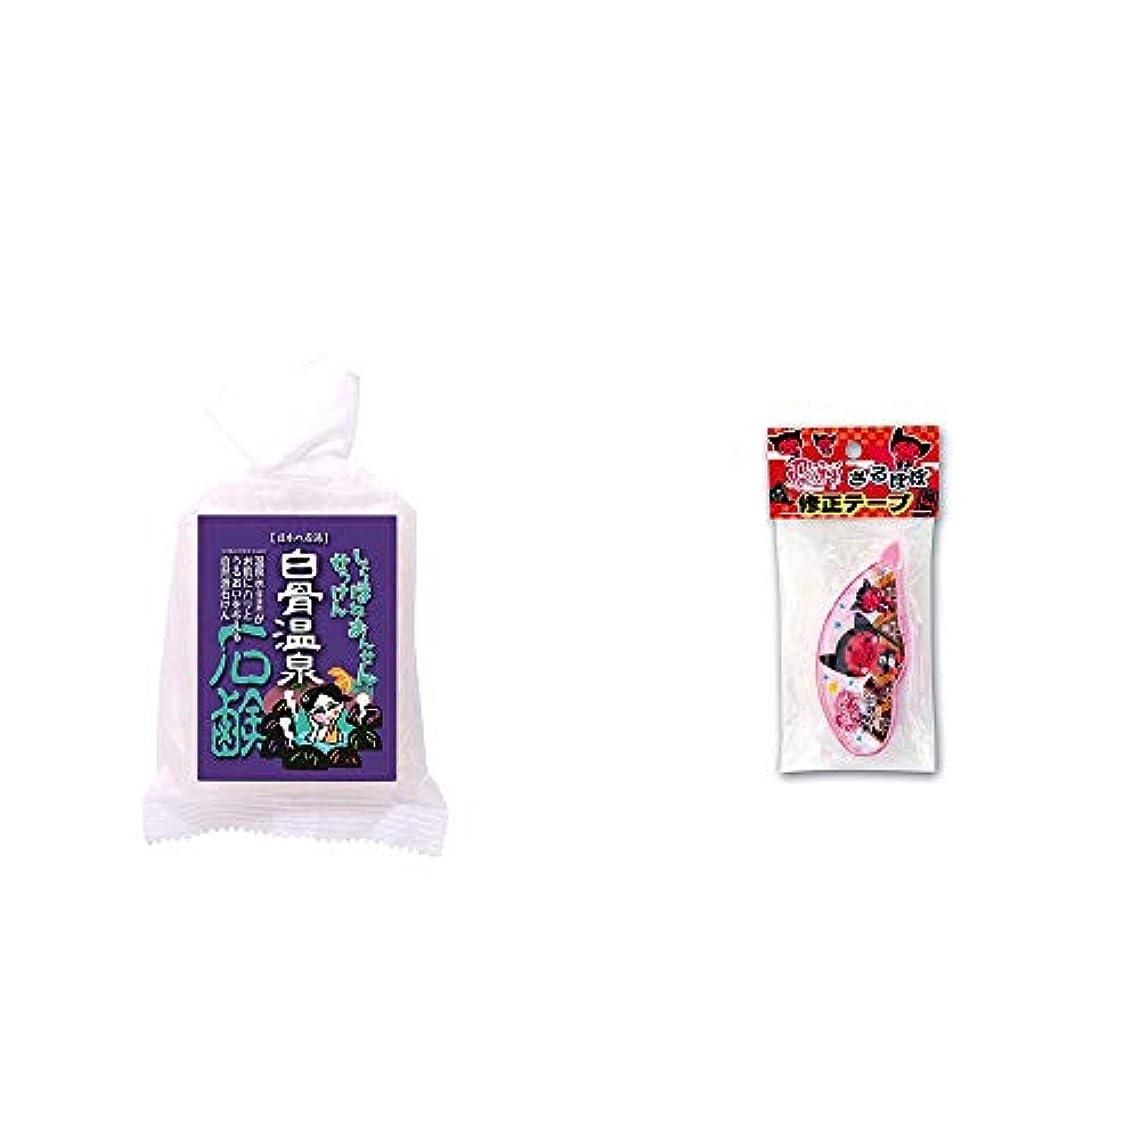 チャップペスト者[2点セット] 信州 白骨温泉石鹸(80g)?さるぼぼ 修正テープ【ブルー】